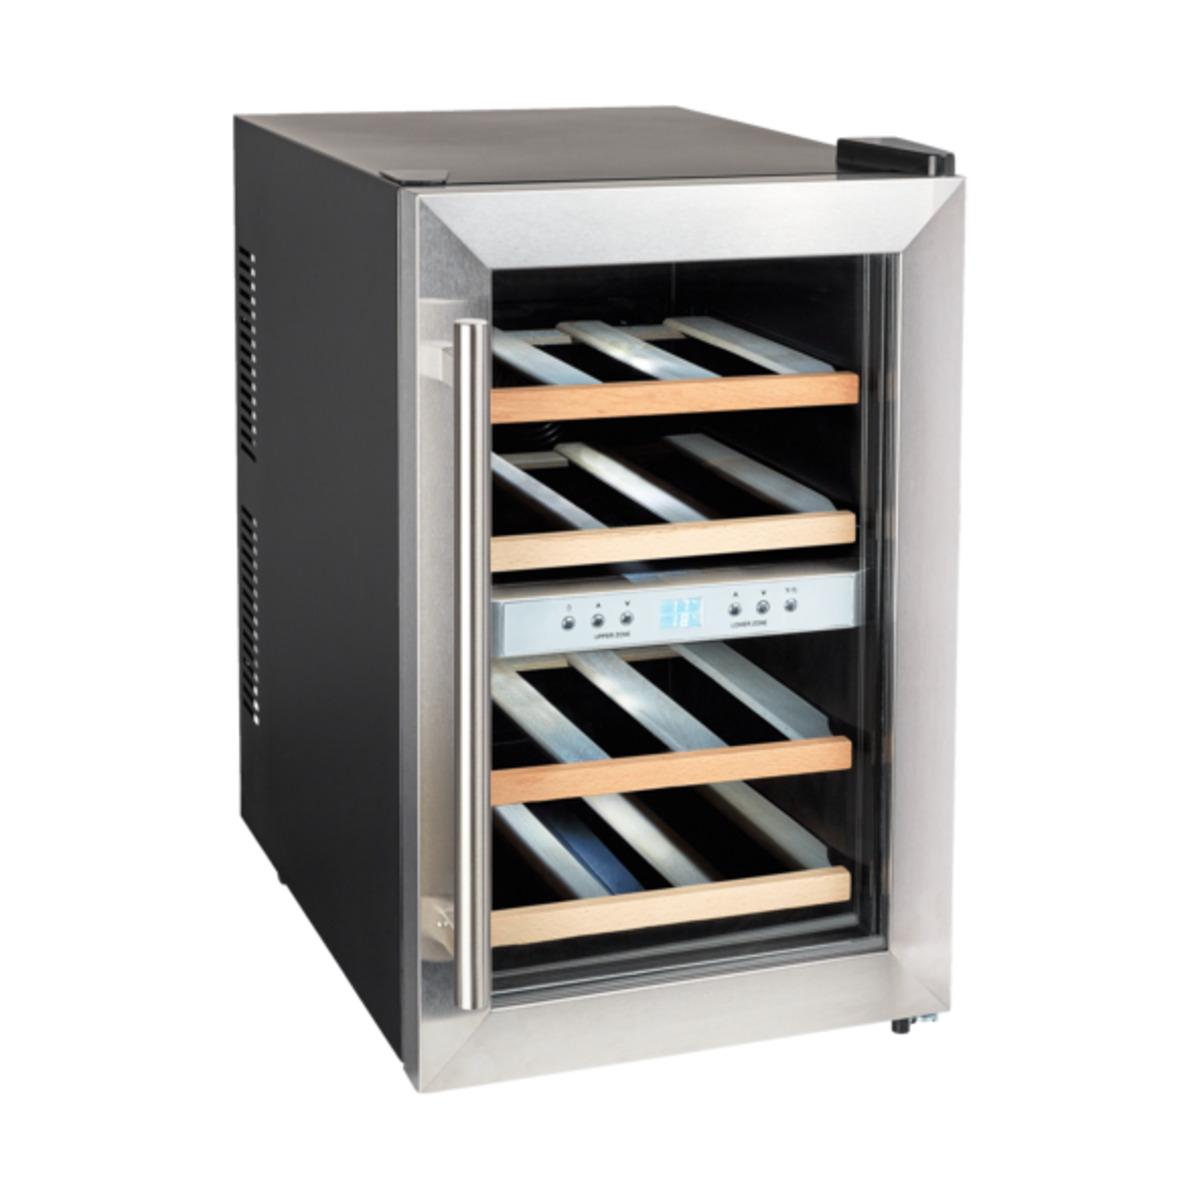 Bild 2 von Weintemperierschrank MEDION® MD 37450